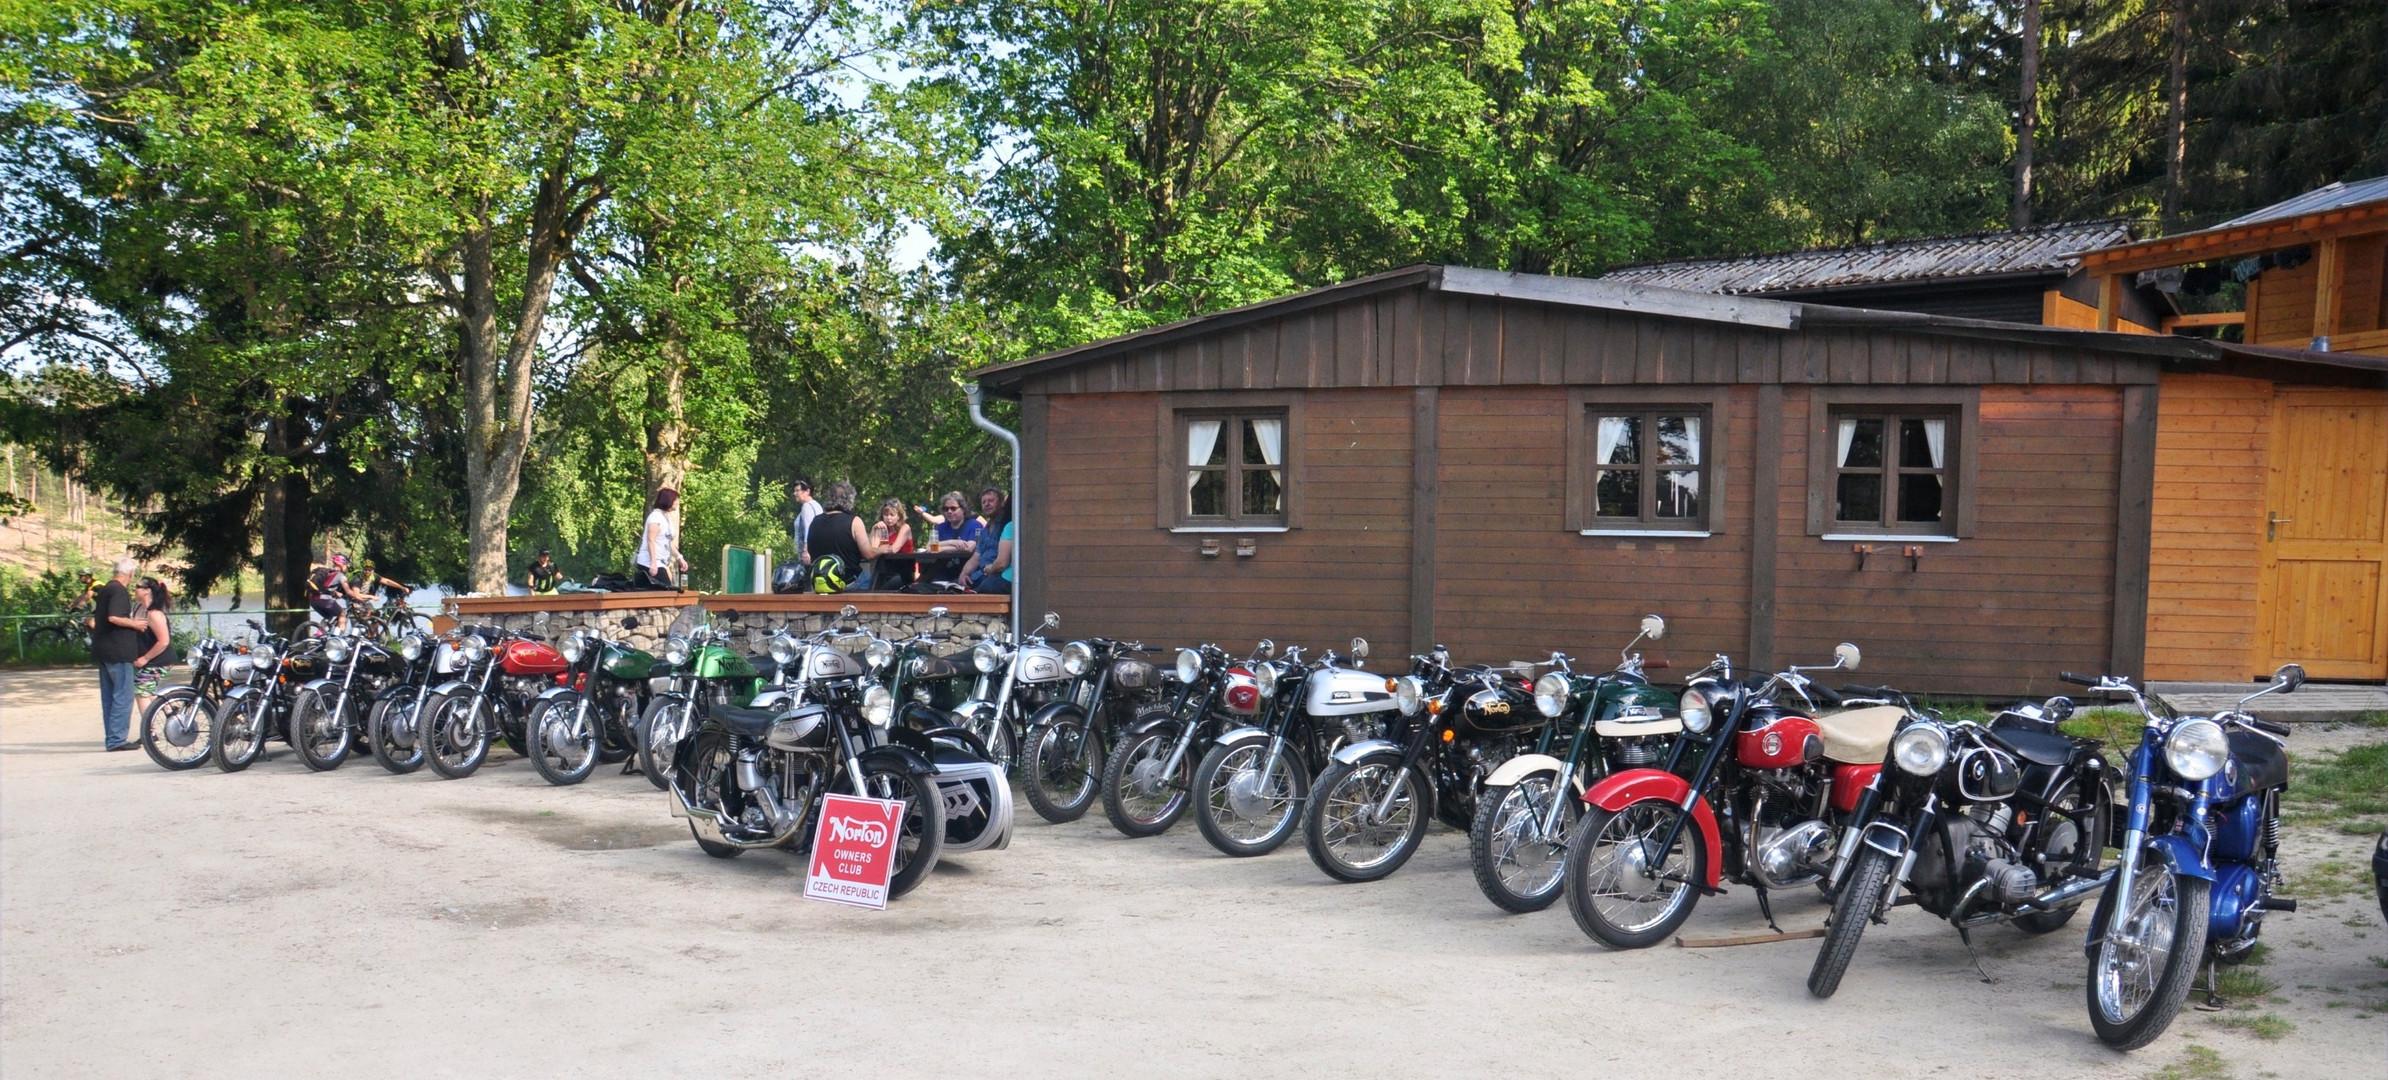 Pokračování 1. NOCCR srazu v kempu Zvůle - exhibice zůčastněných motocyklů.